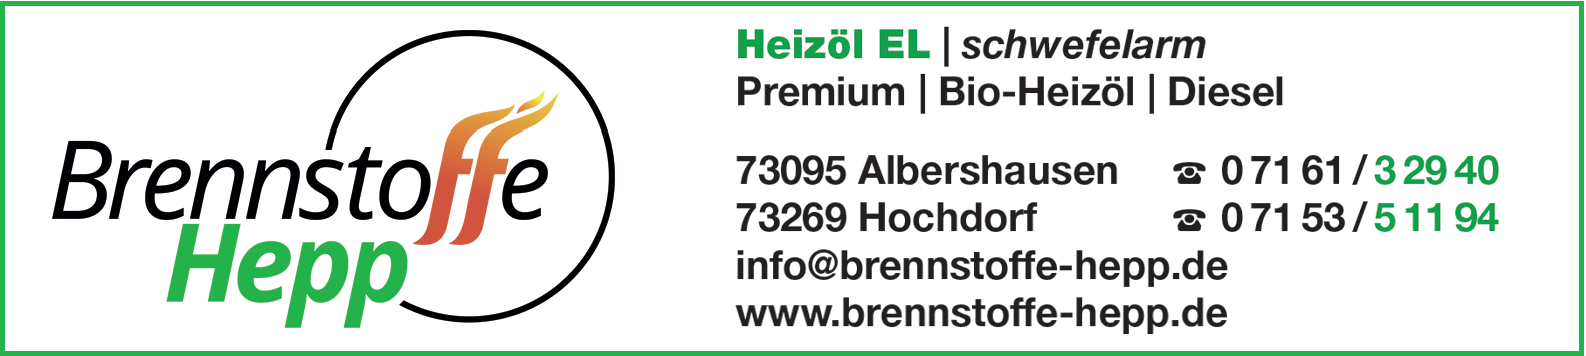 Brennstoffe Hepp GmbH